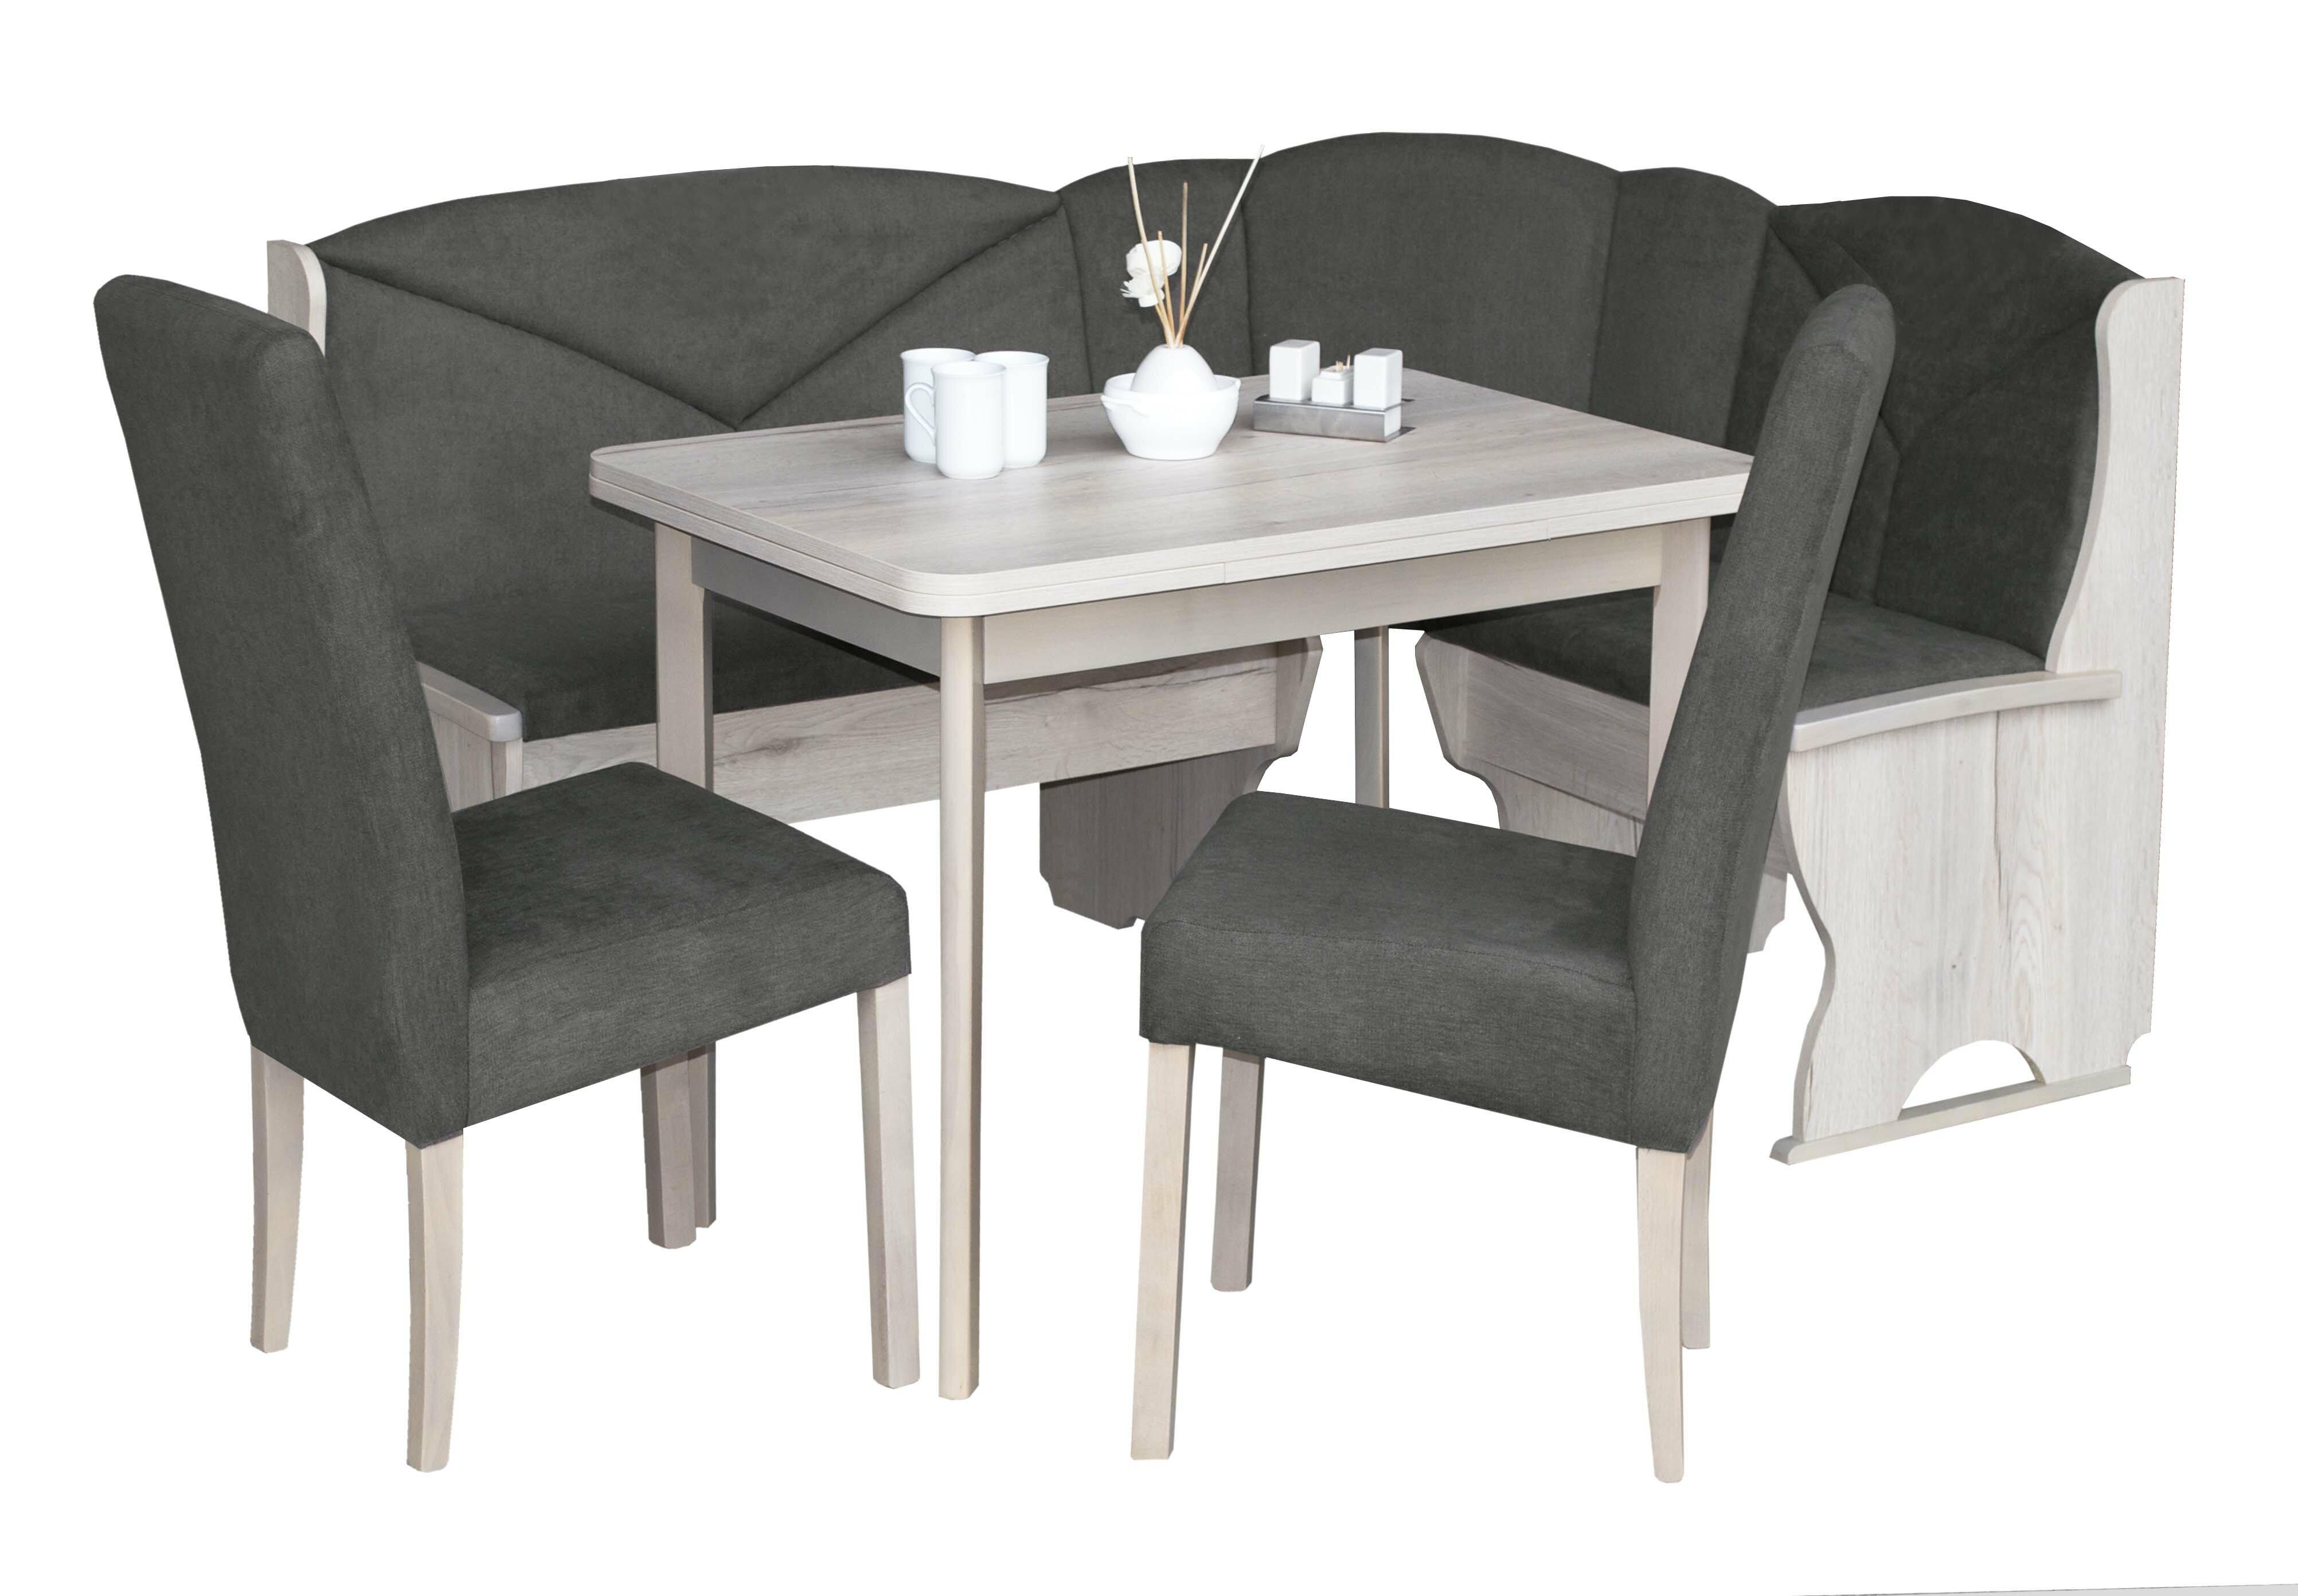 Ophelia Co Eckbankgruppe Marland Mit Ausziehbarem Tisch 2 Stuhlen Und Einer Bank Wayfair De